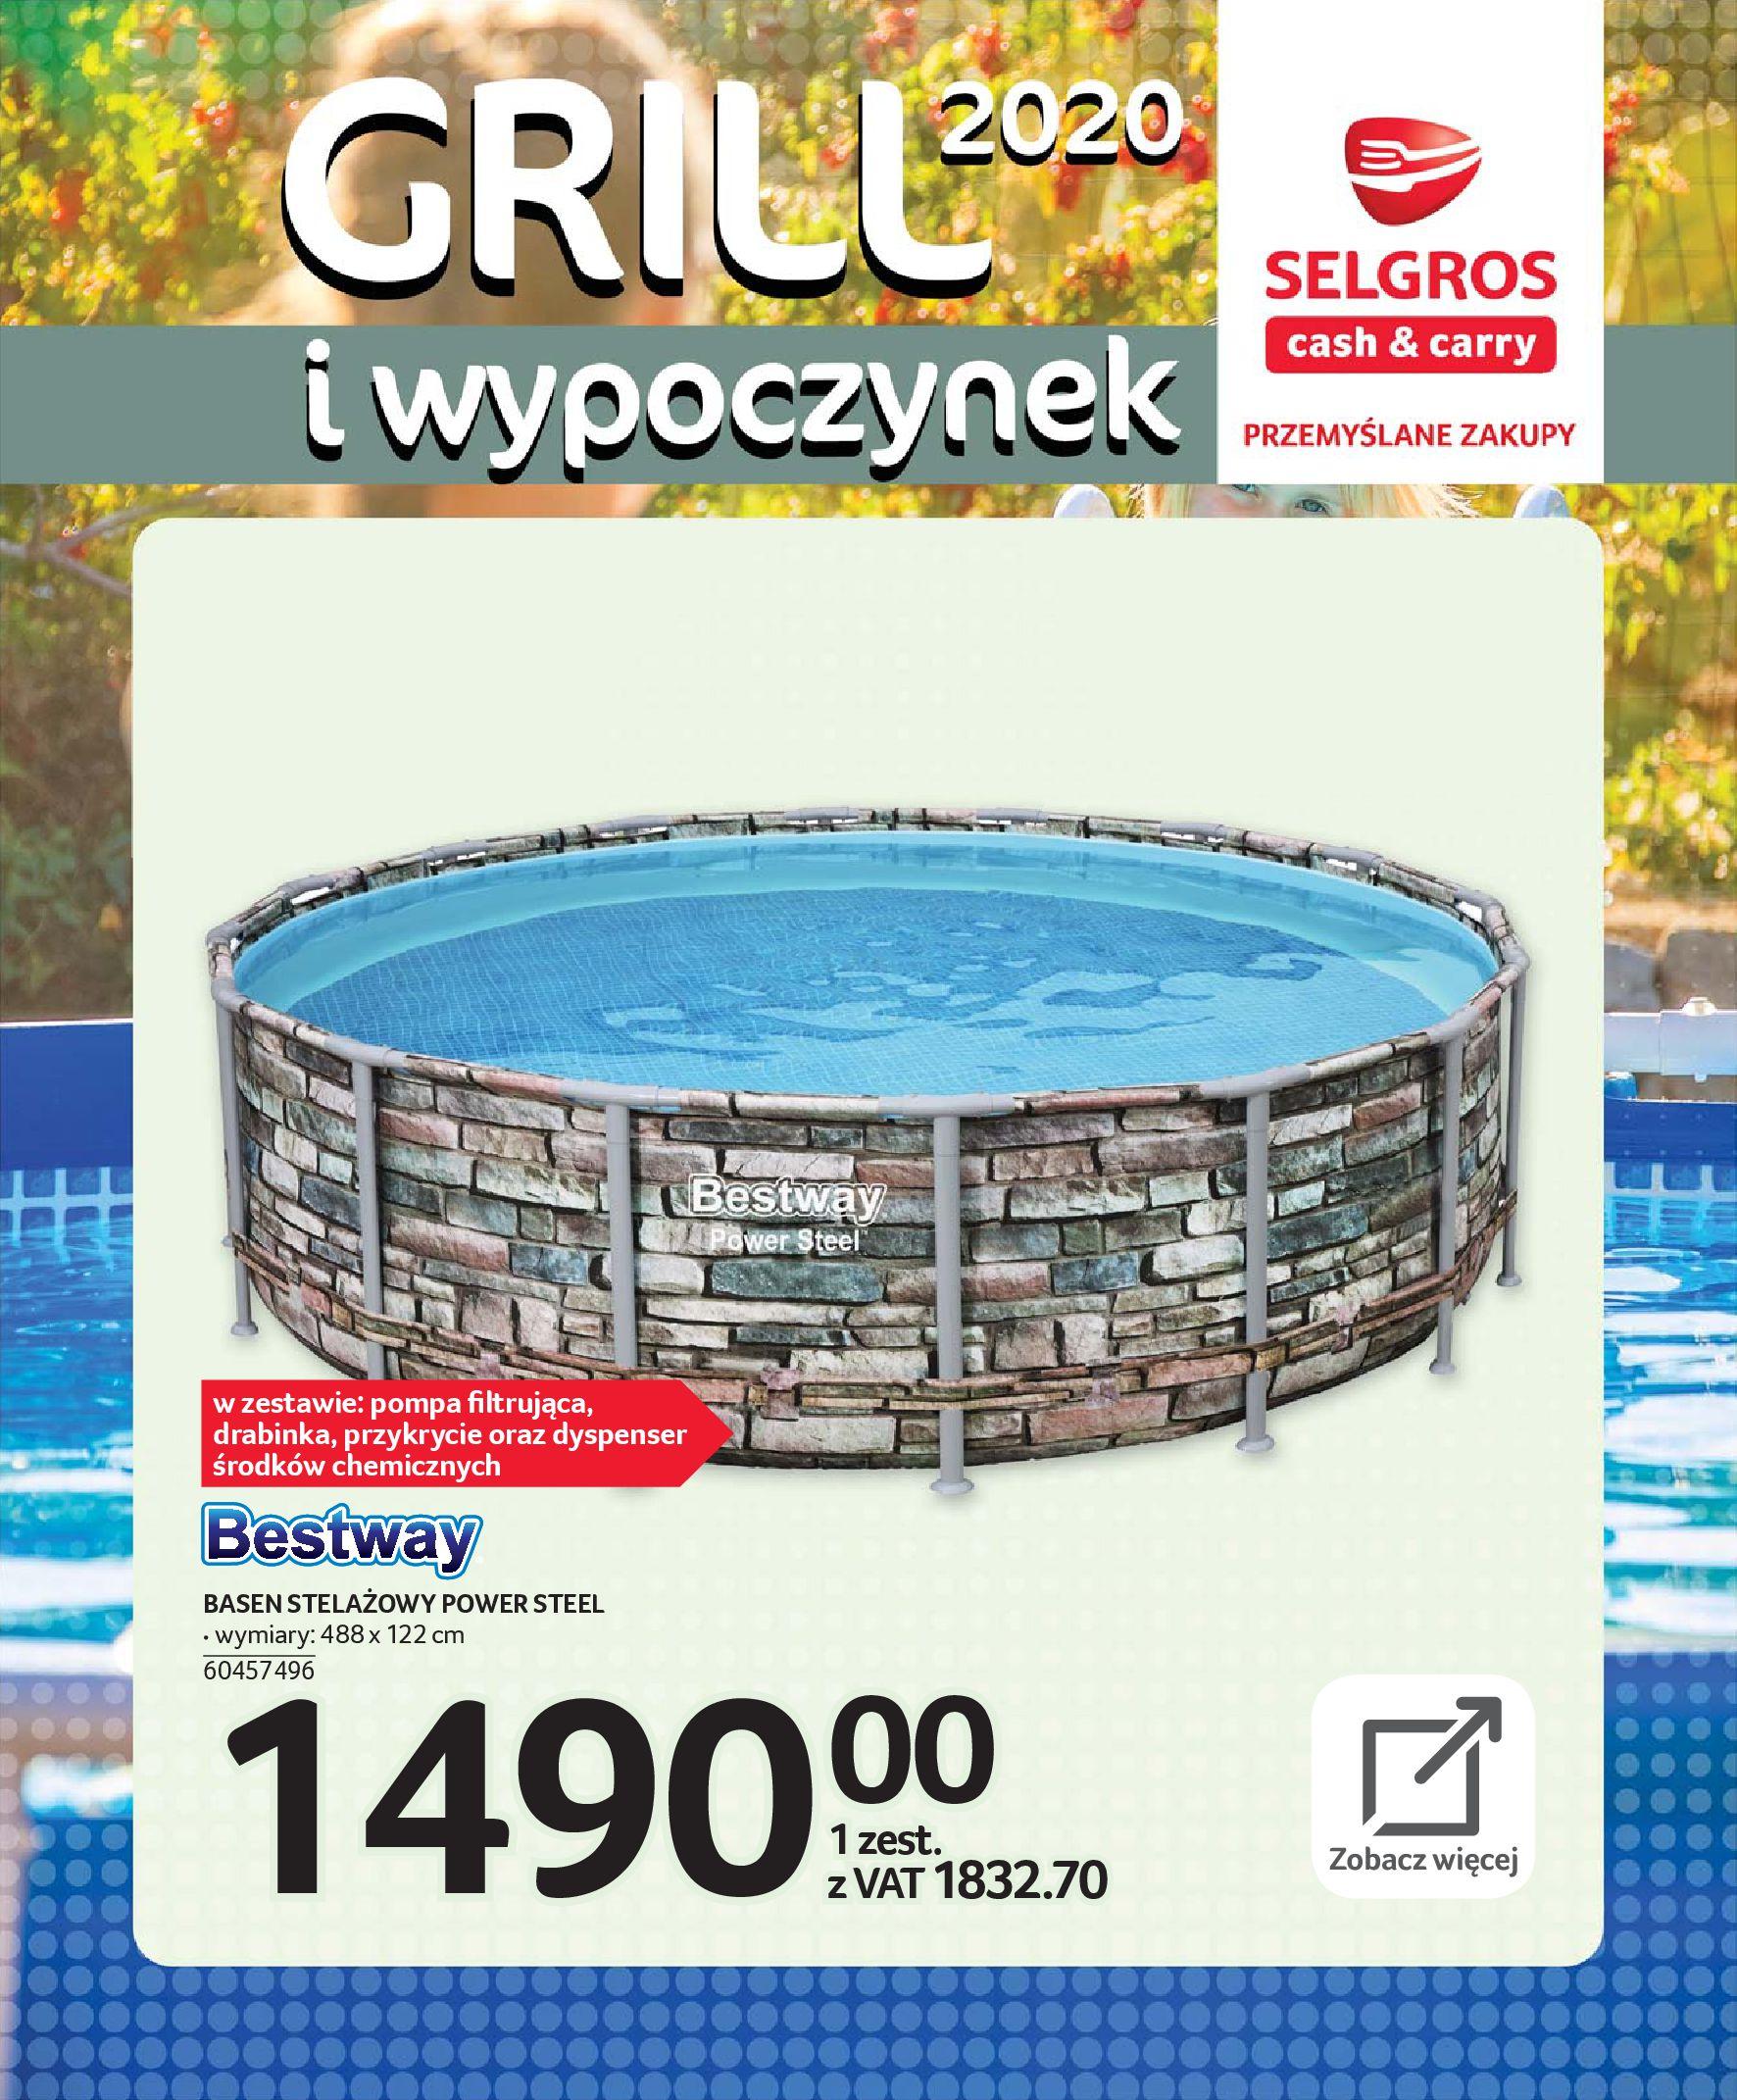 Gazetka Selgros - Katalog - Grill i wypoczynek-31.03.2020-31.08.2020-page-85